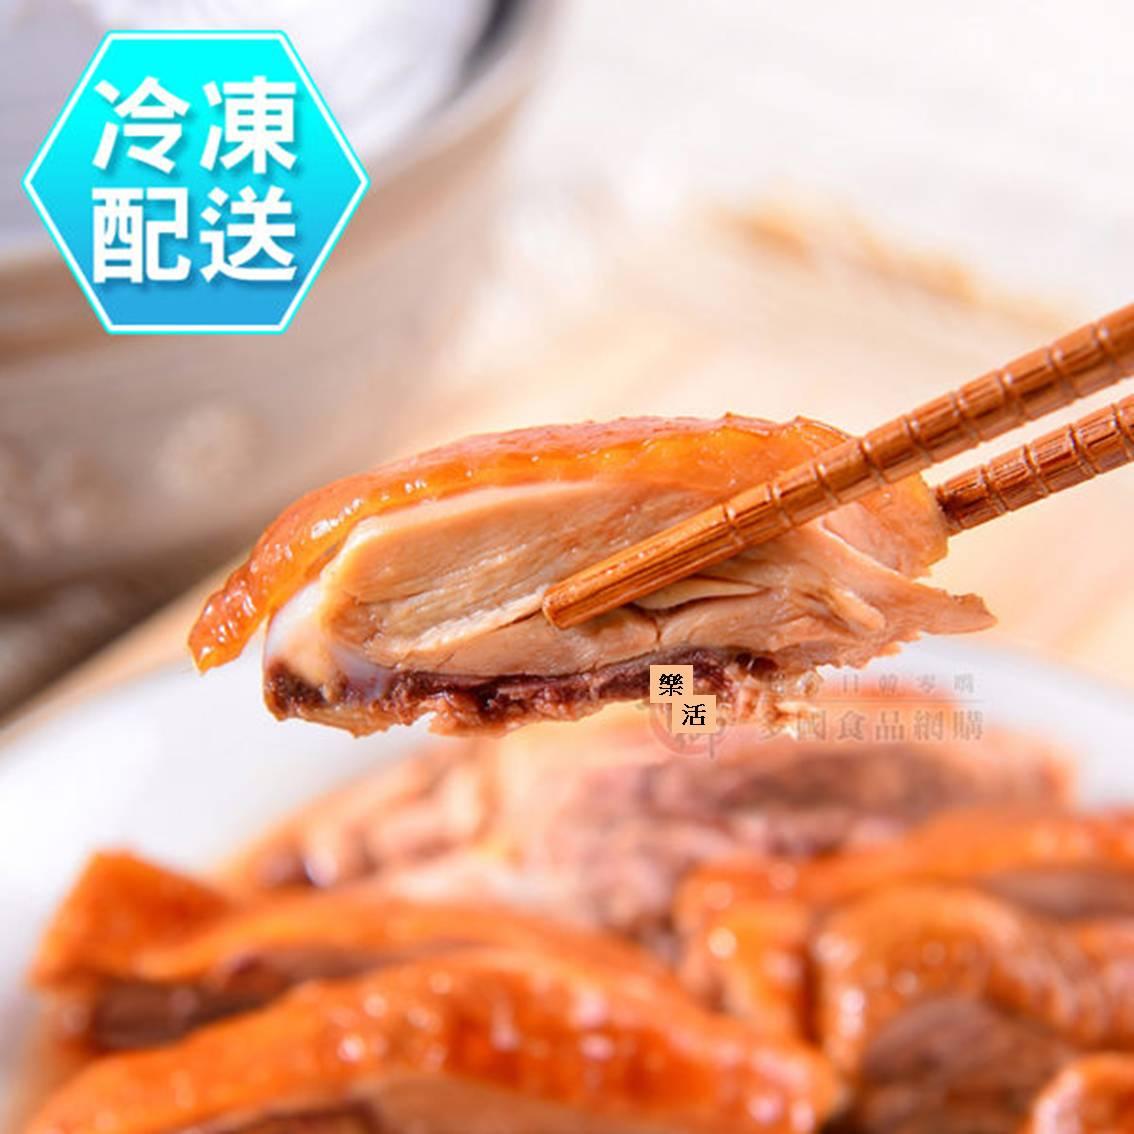 樂活生活館  蔗香雞 (小家庭切盤) 250g 冷凍配送   蔗雞王